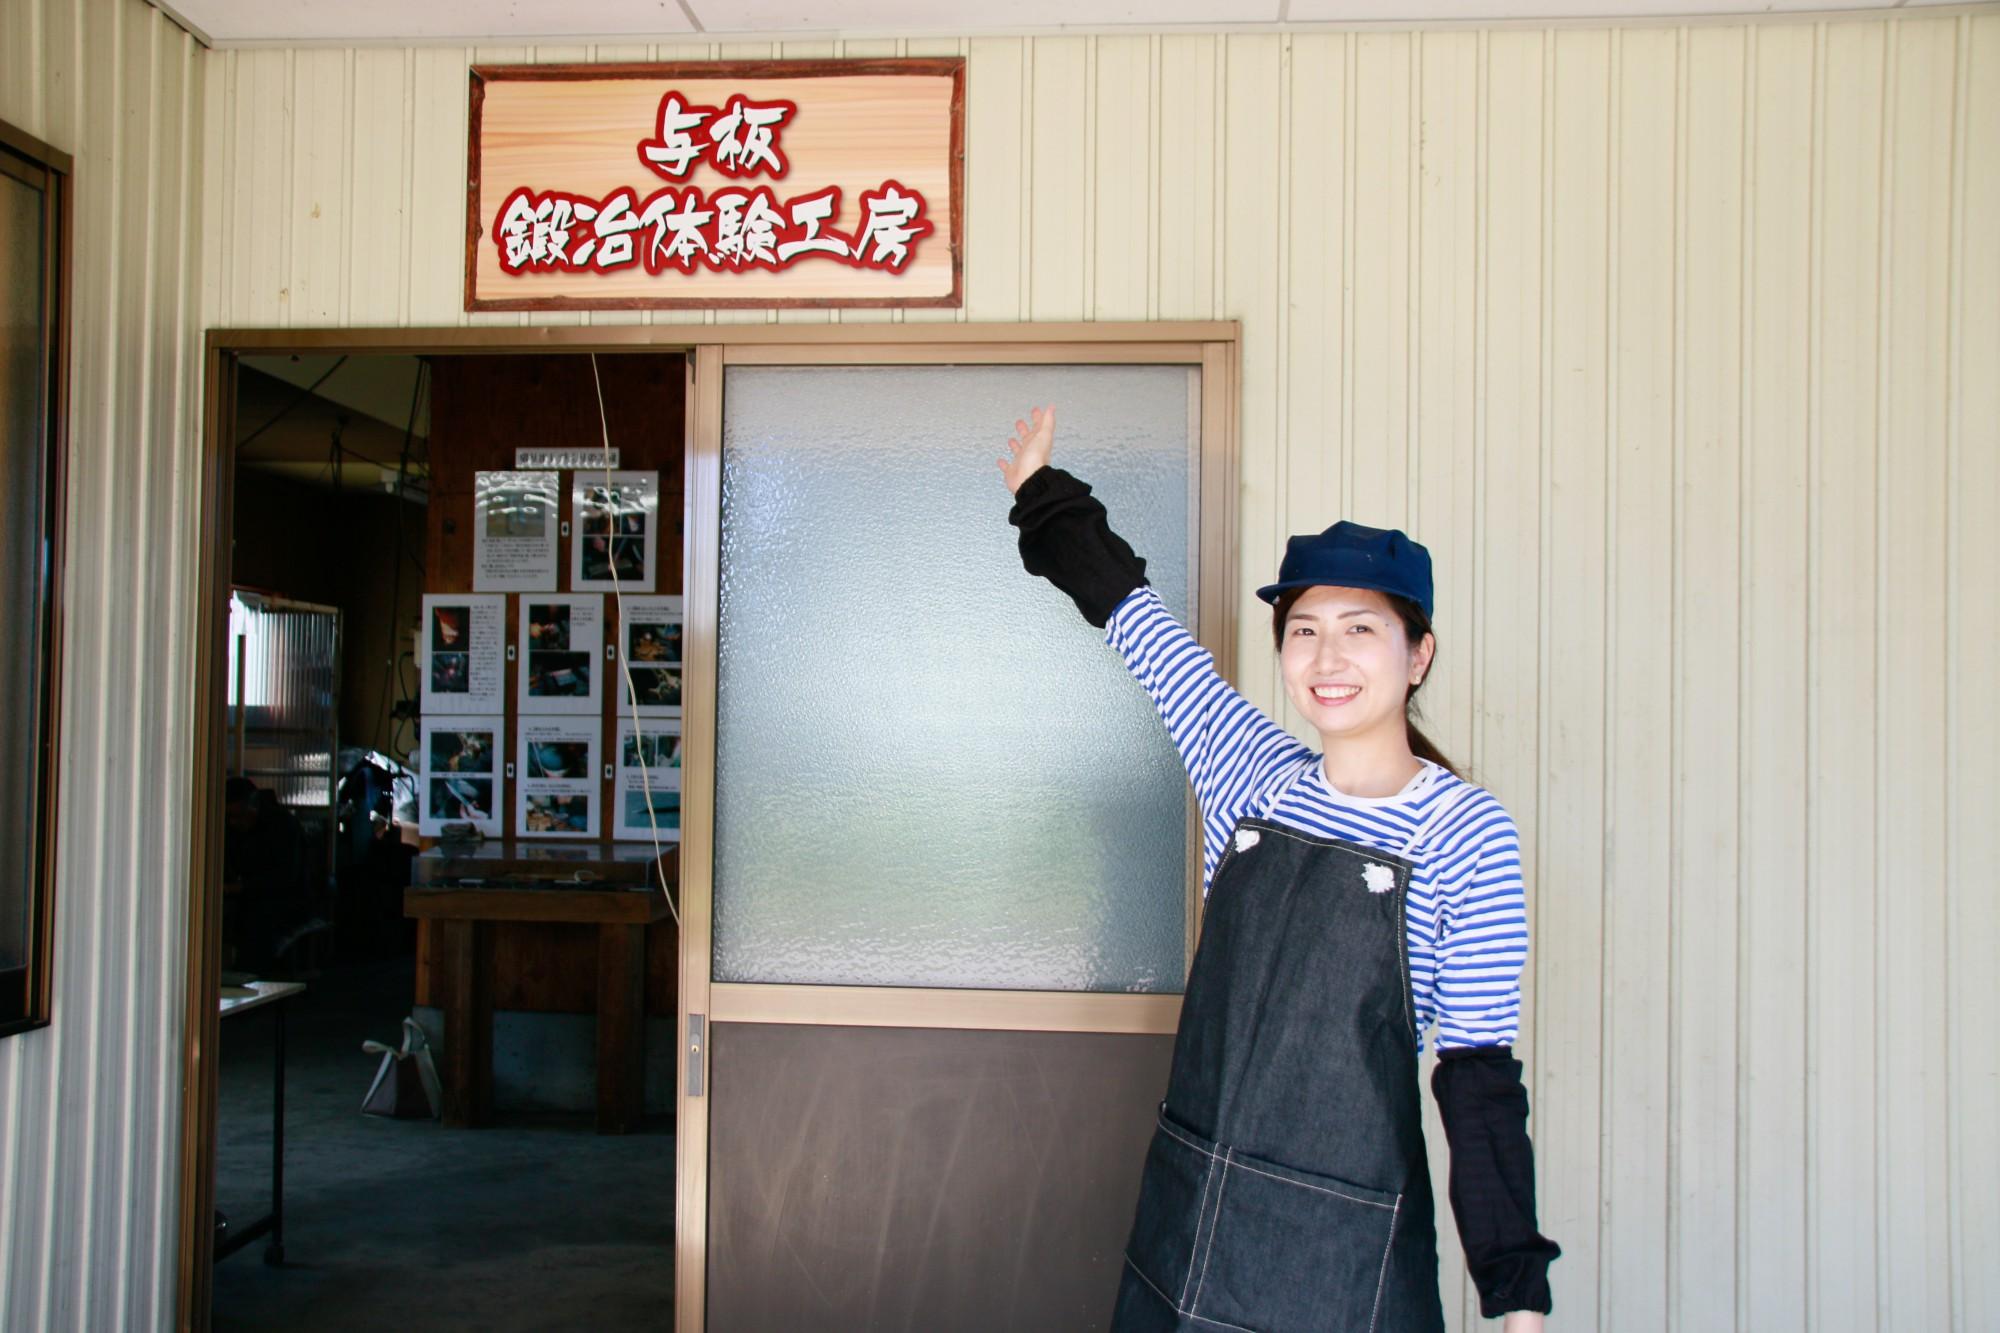 譖ク縺榊・縺予_MG_3542